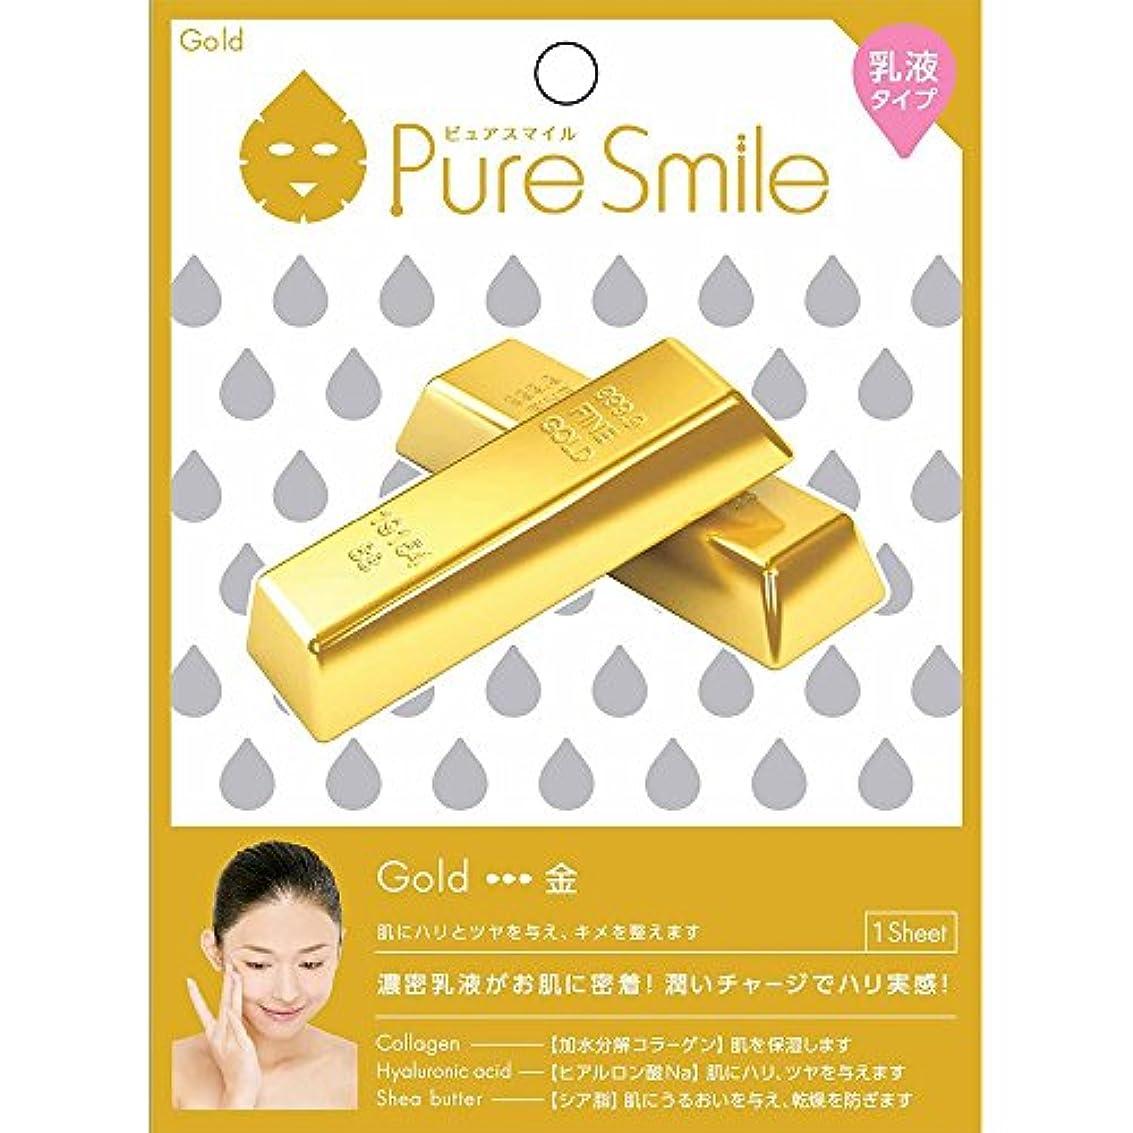 変換する続けるレーザPure Smile(ピュアスマイル) 乳液エッセンスマスク 1 枚 金